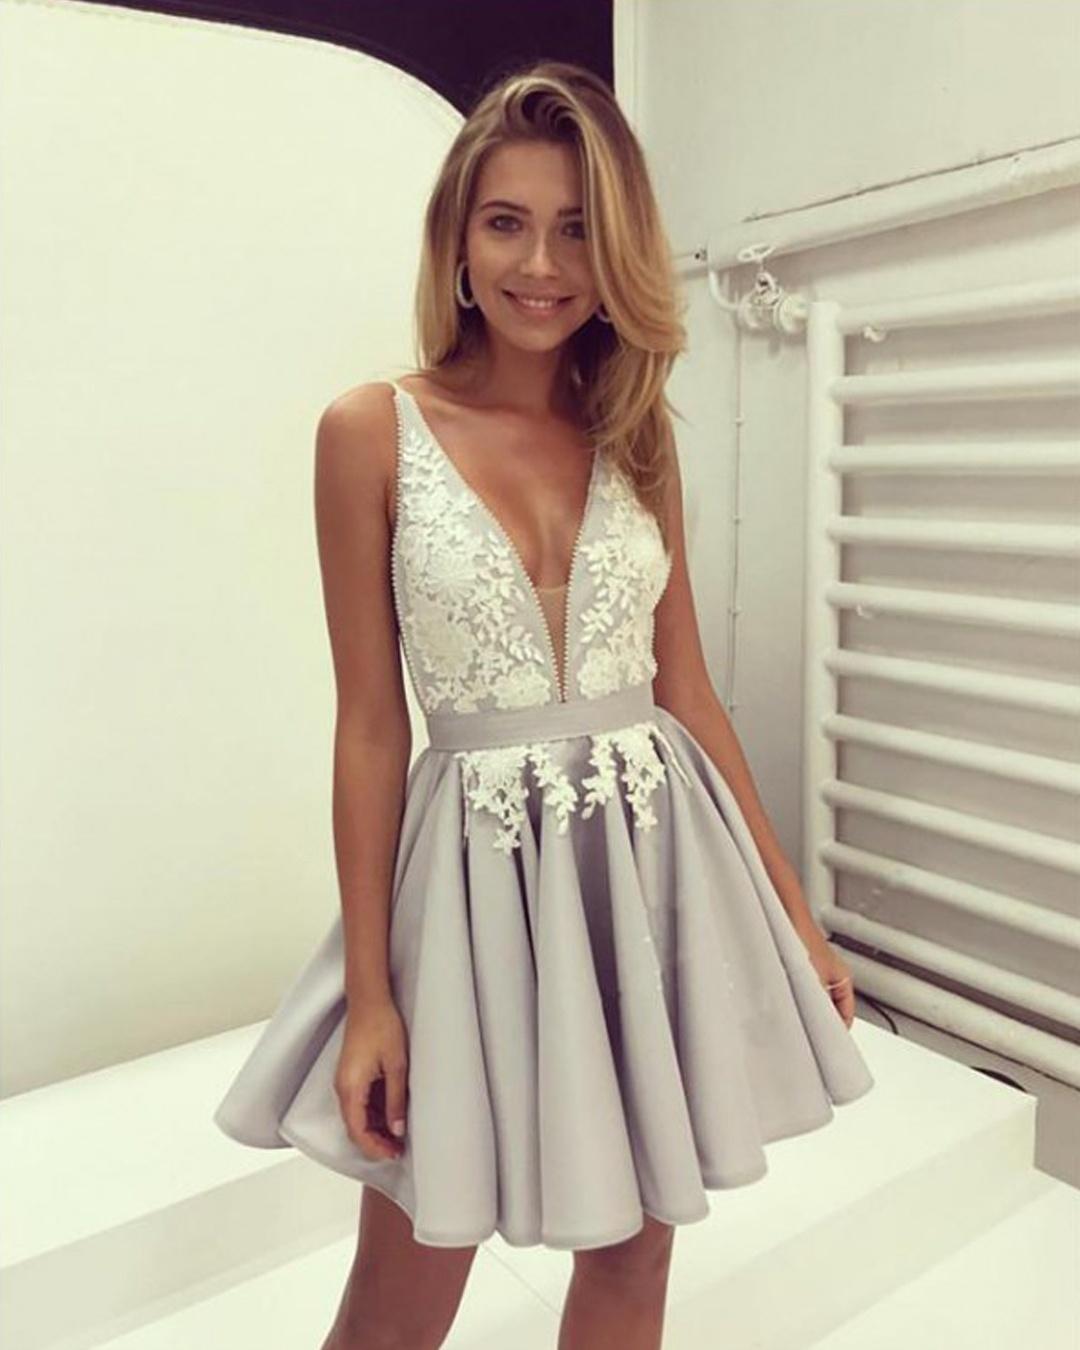 A-Line Sexy Deep-V-Neck Grey Short Prom Dresses Evening Party Dress, Short Homecoming Dresses